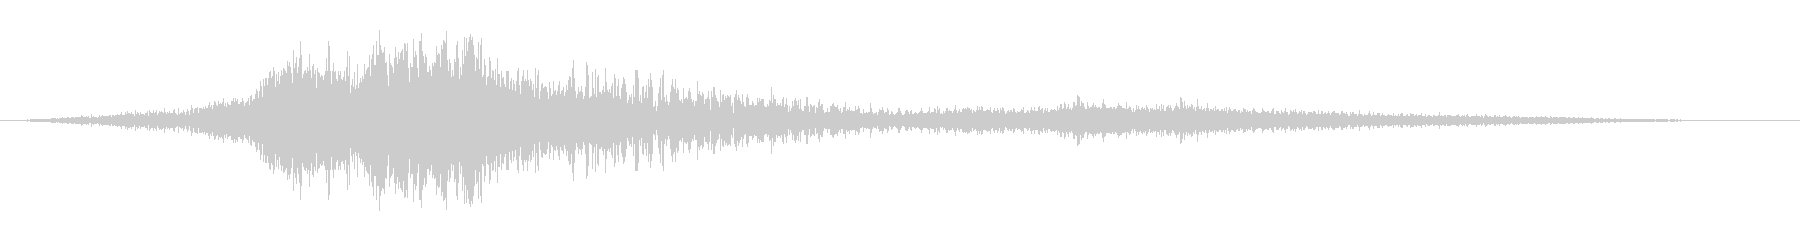 ニューロトロニックマトリックス2の未再生の波形